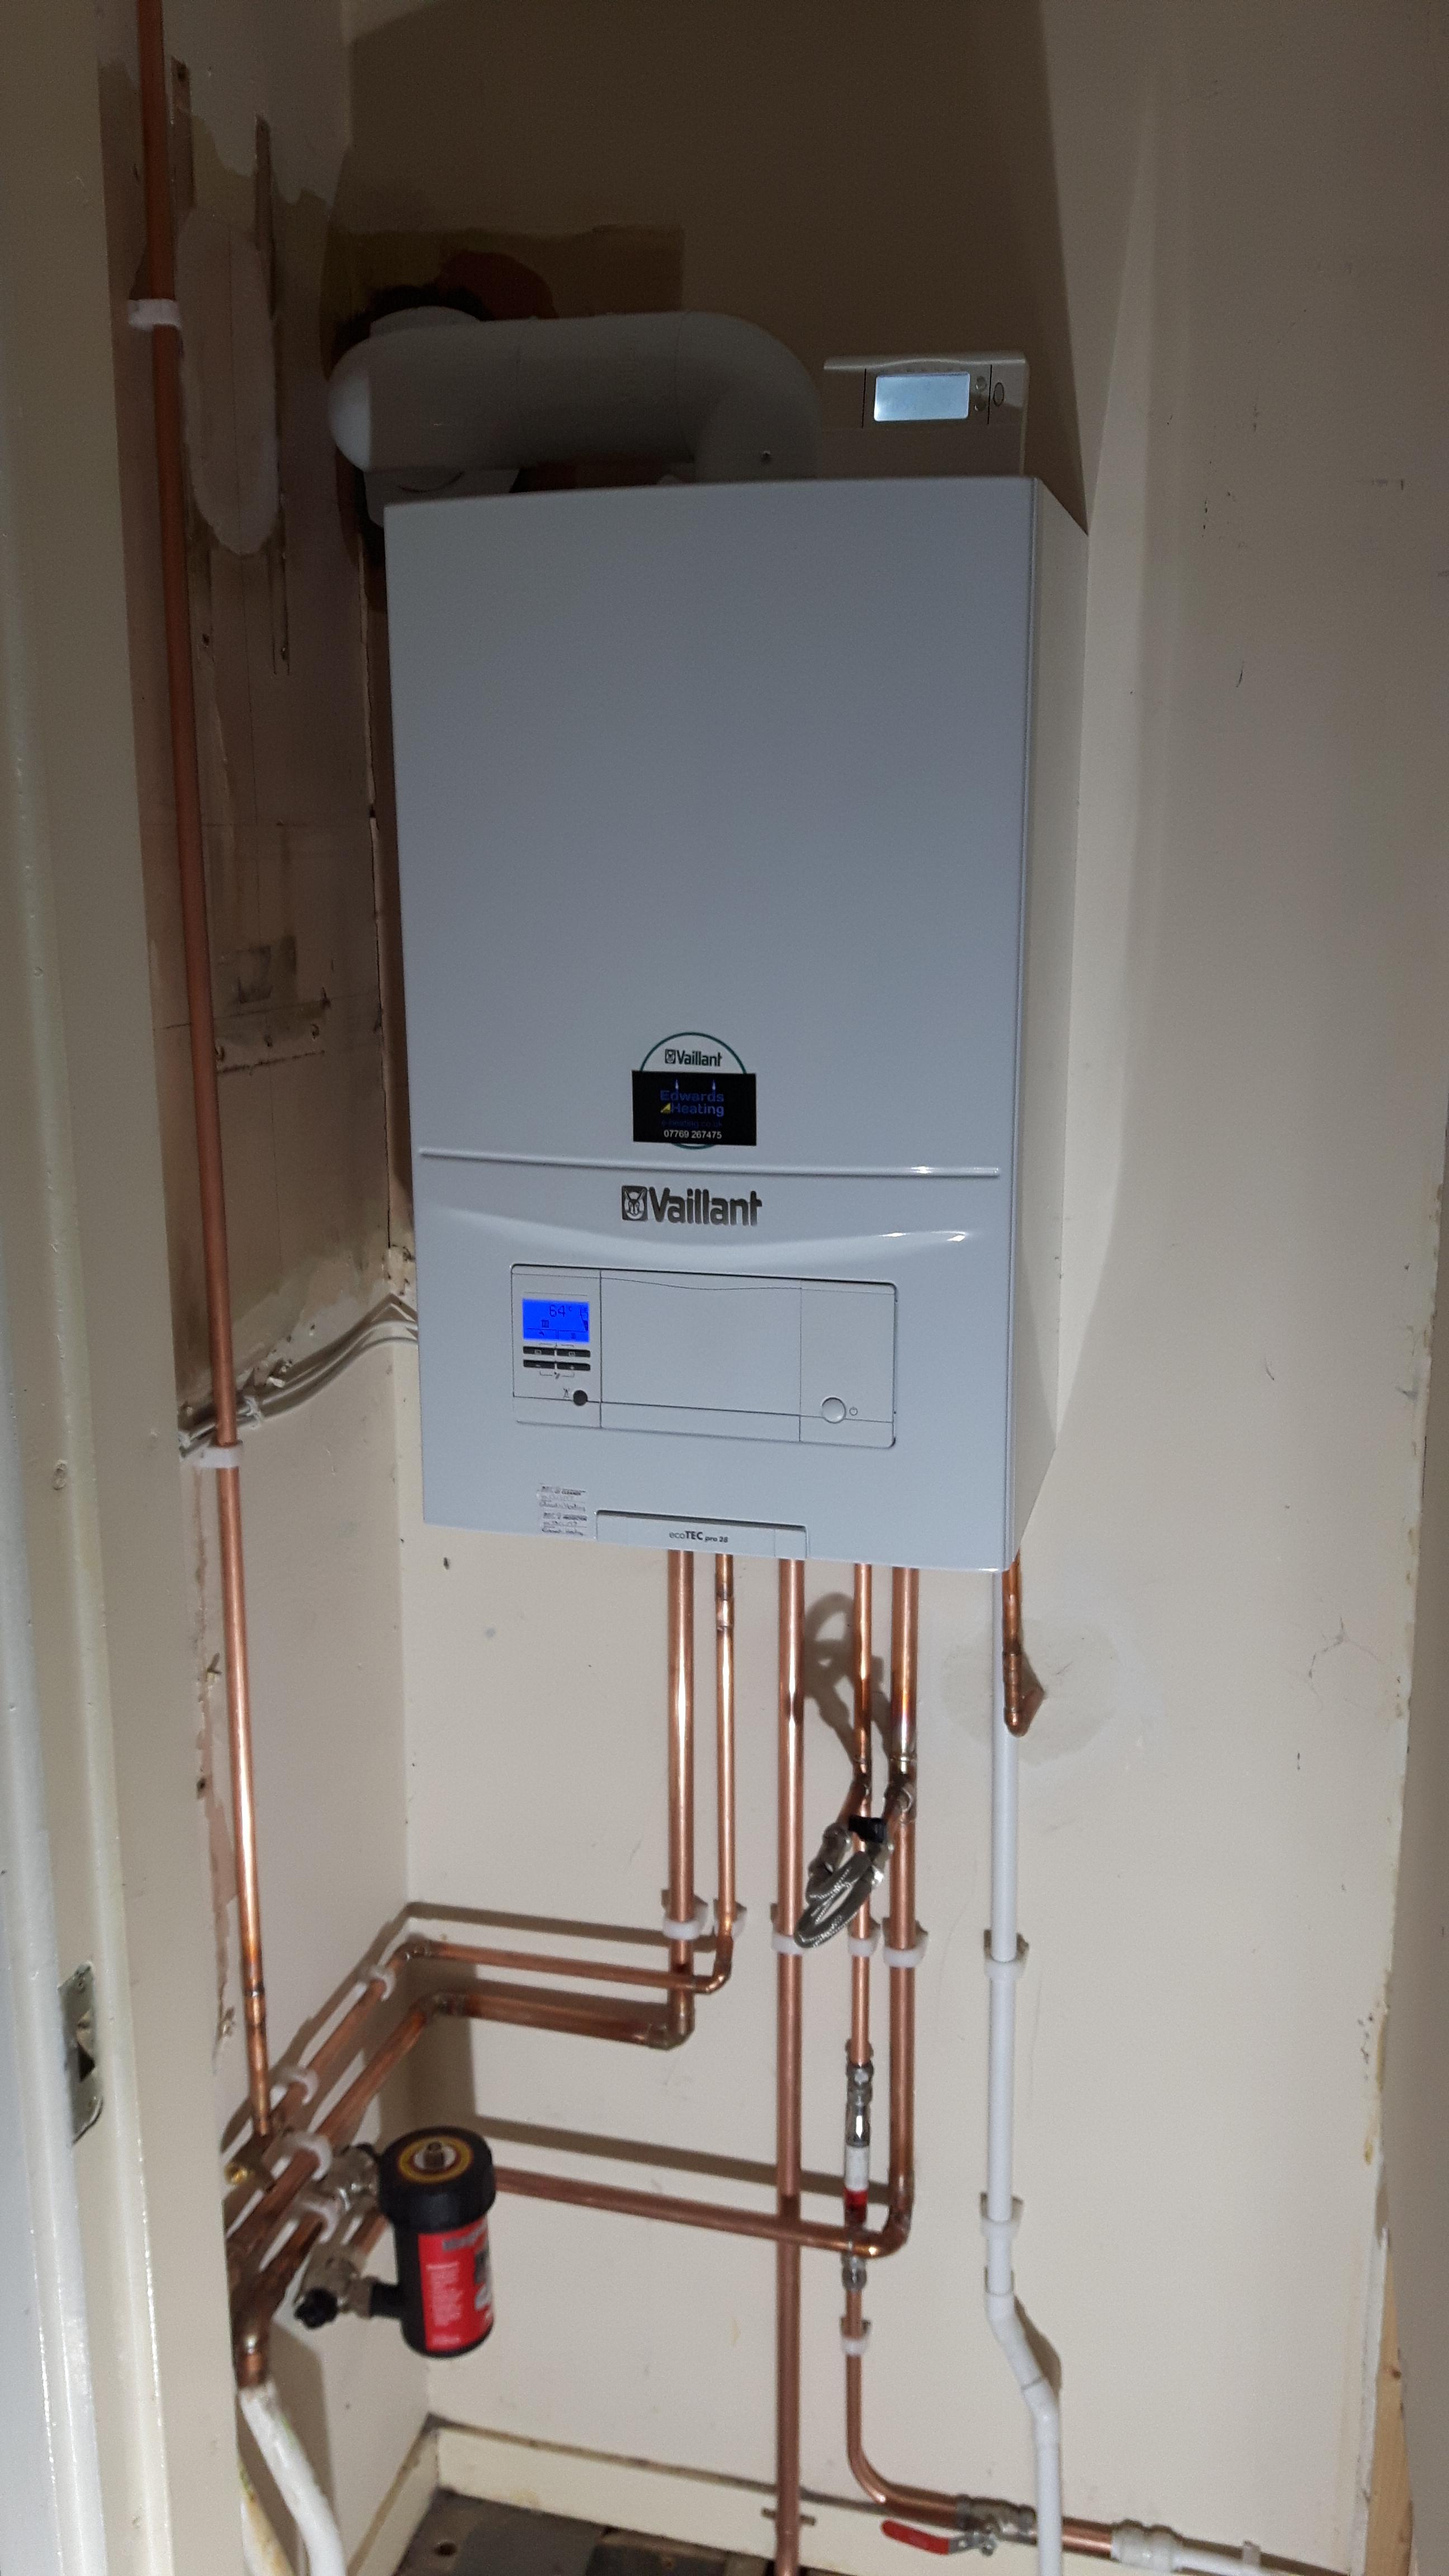 Vaillant Ecotec Combi Boiler